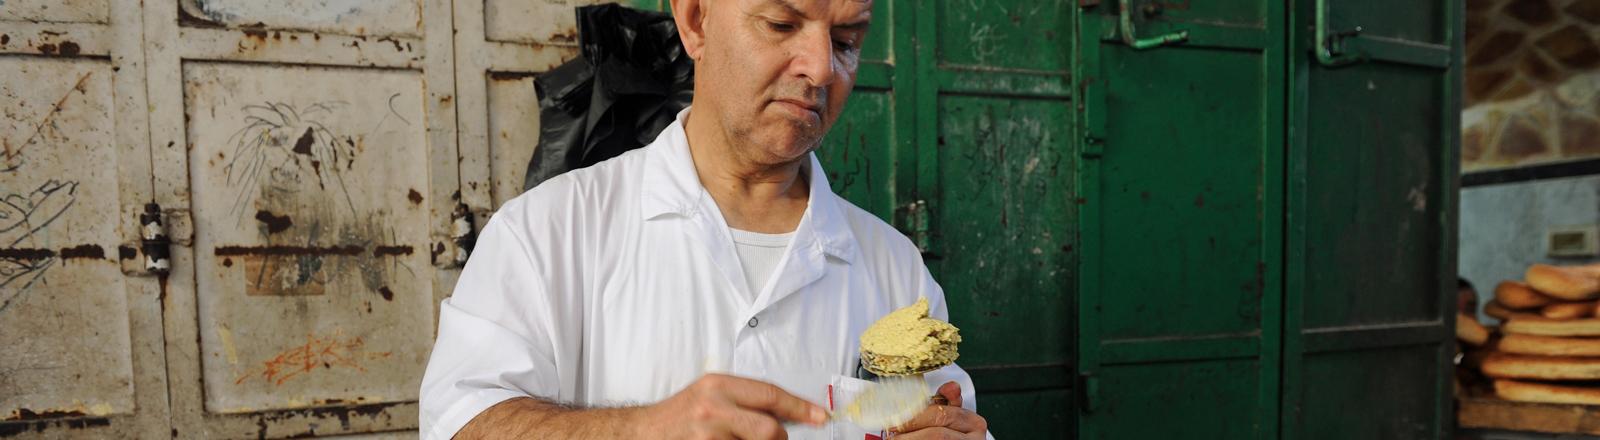 Ein Mann in Jerusalem macht Falafel